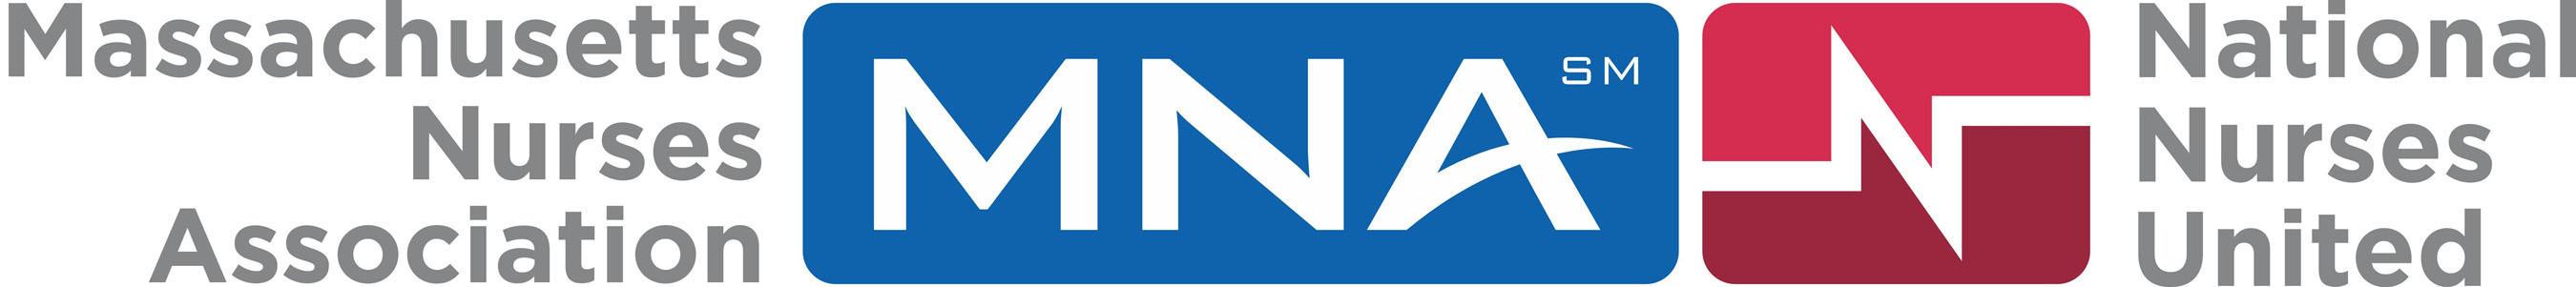 Massachusetts Nurses Association/National Nurses United